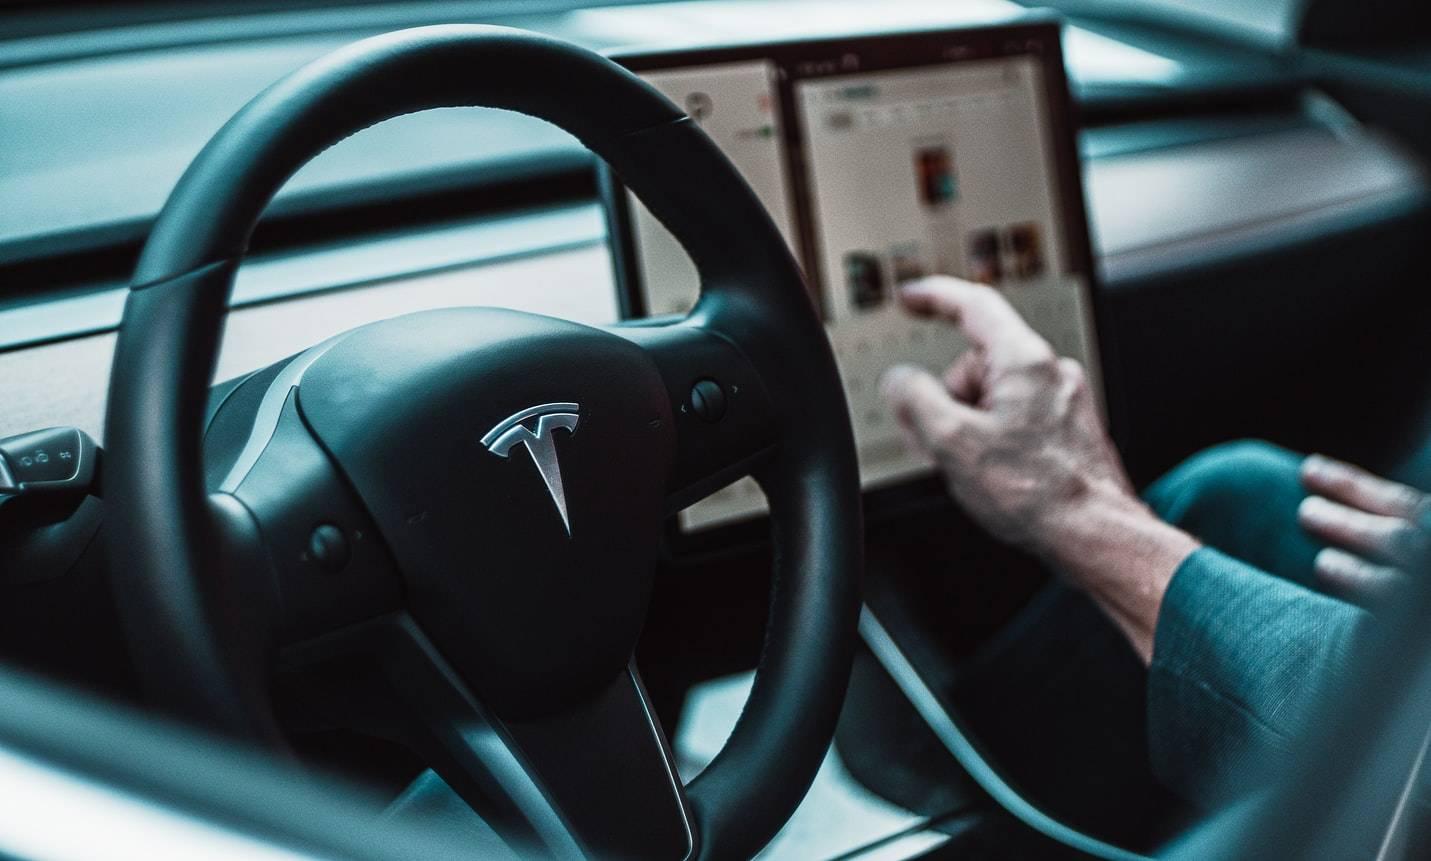 原厂特斯拉市值一年涨七倍。新能源汽车估值这么高是泡沫吗?